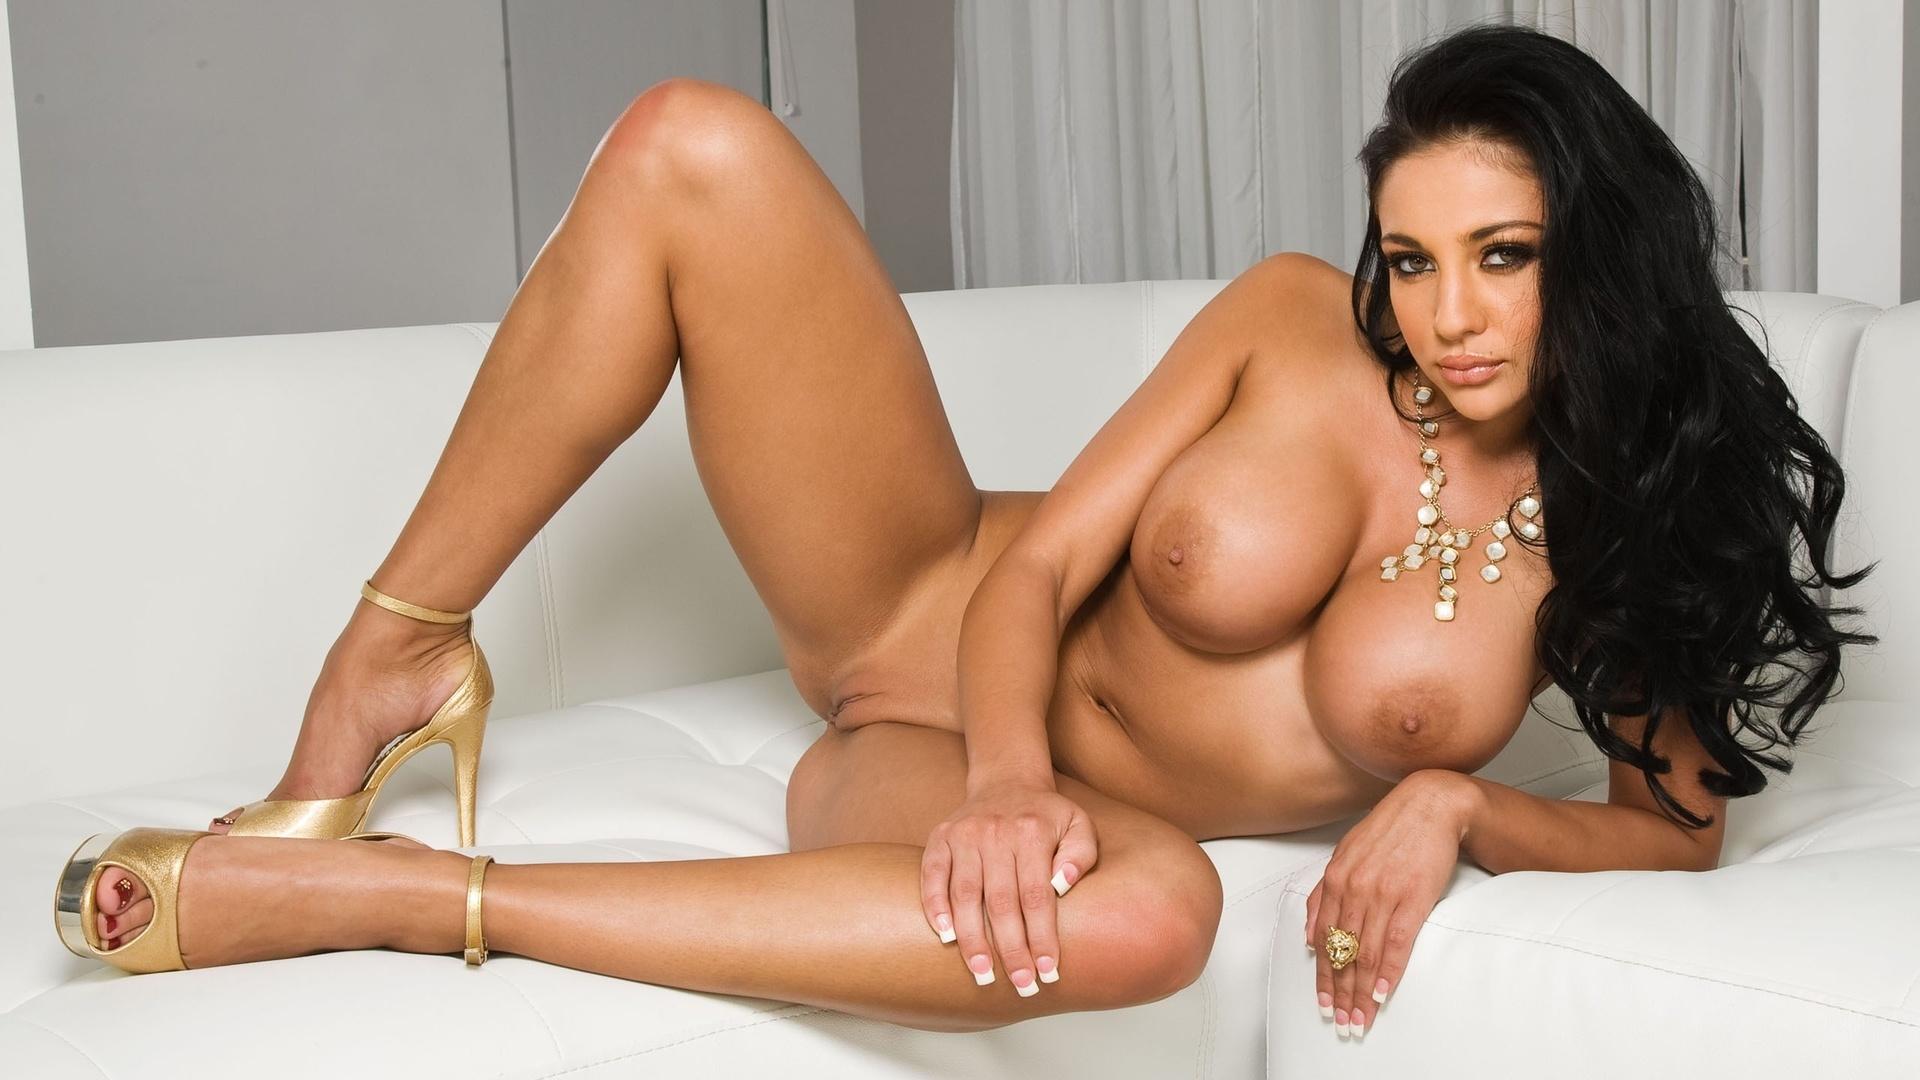 Самая красивая порно звезда голая, Самые красивые порнозвёзды, смотреть видео, фото 1 фотография